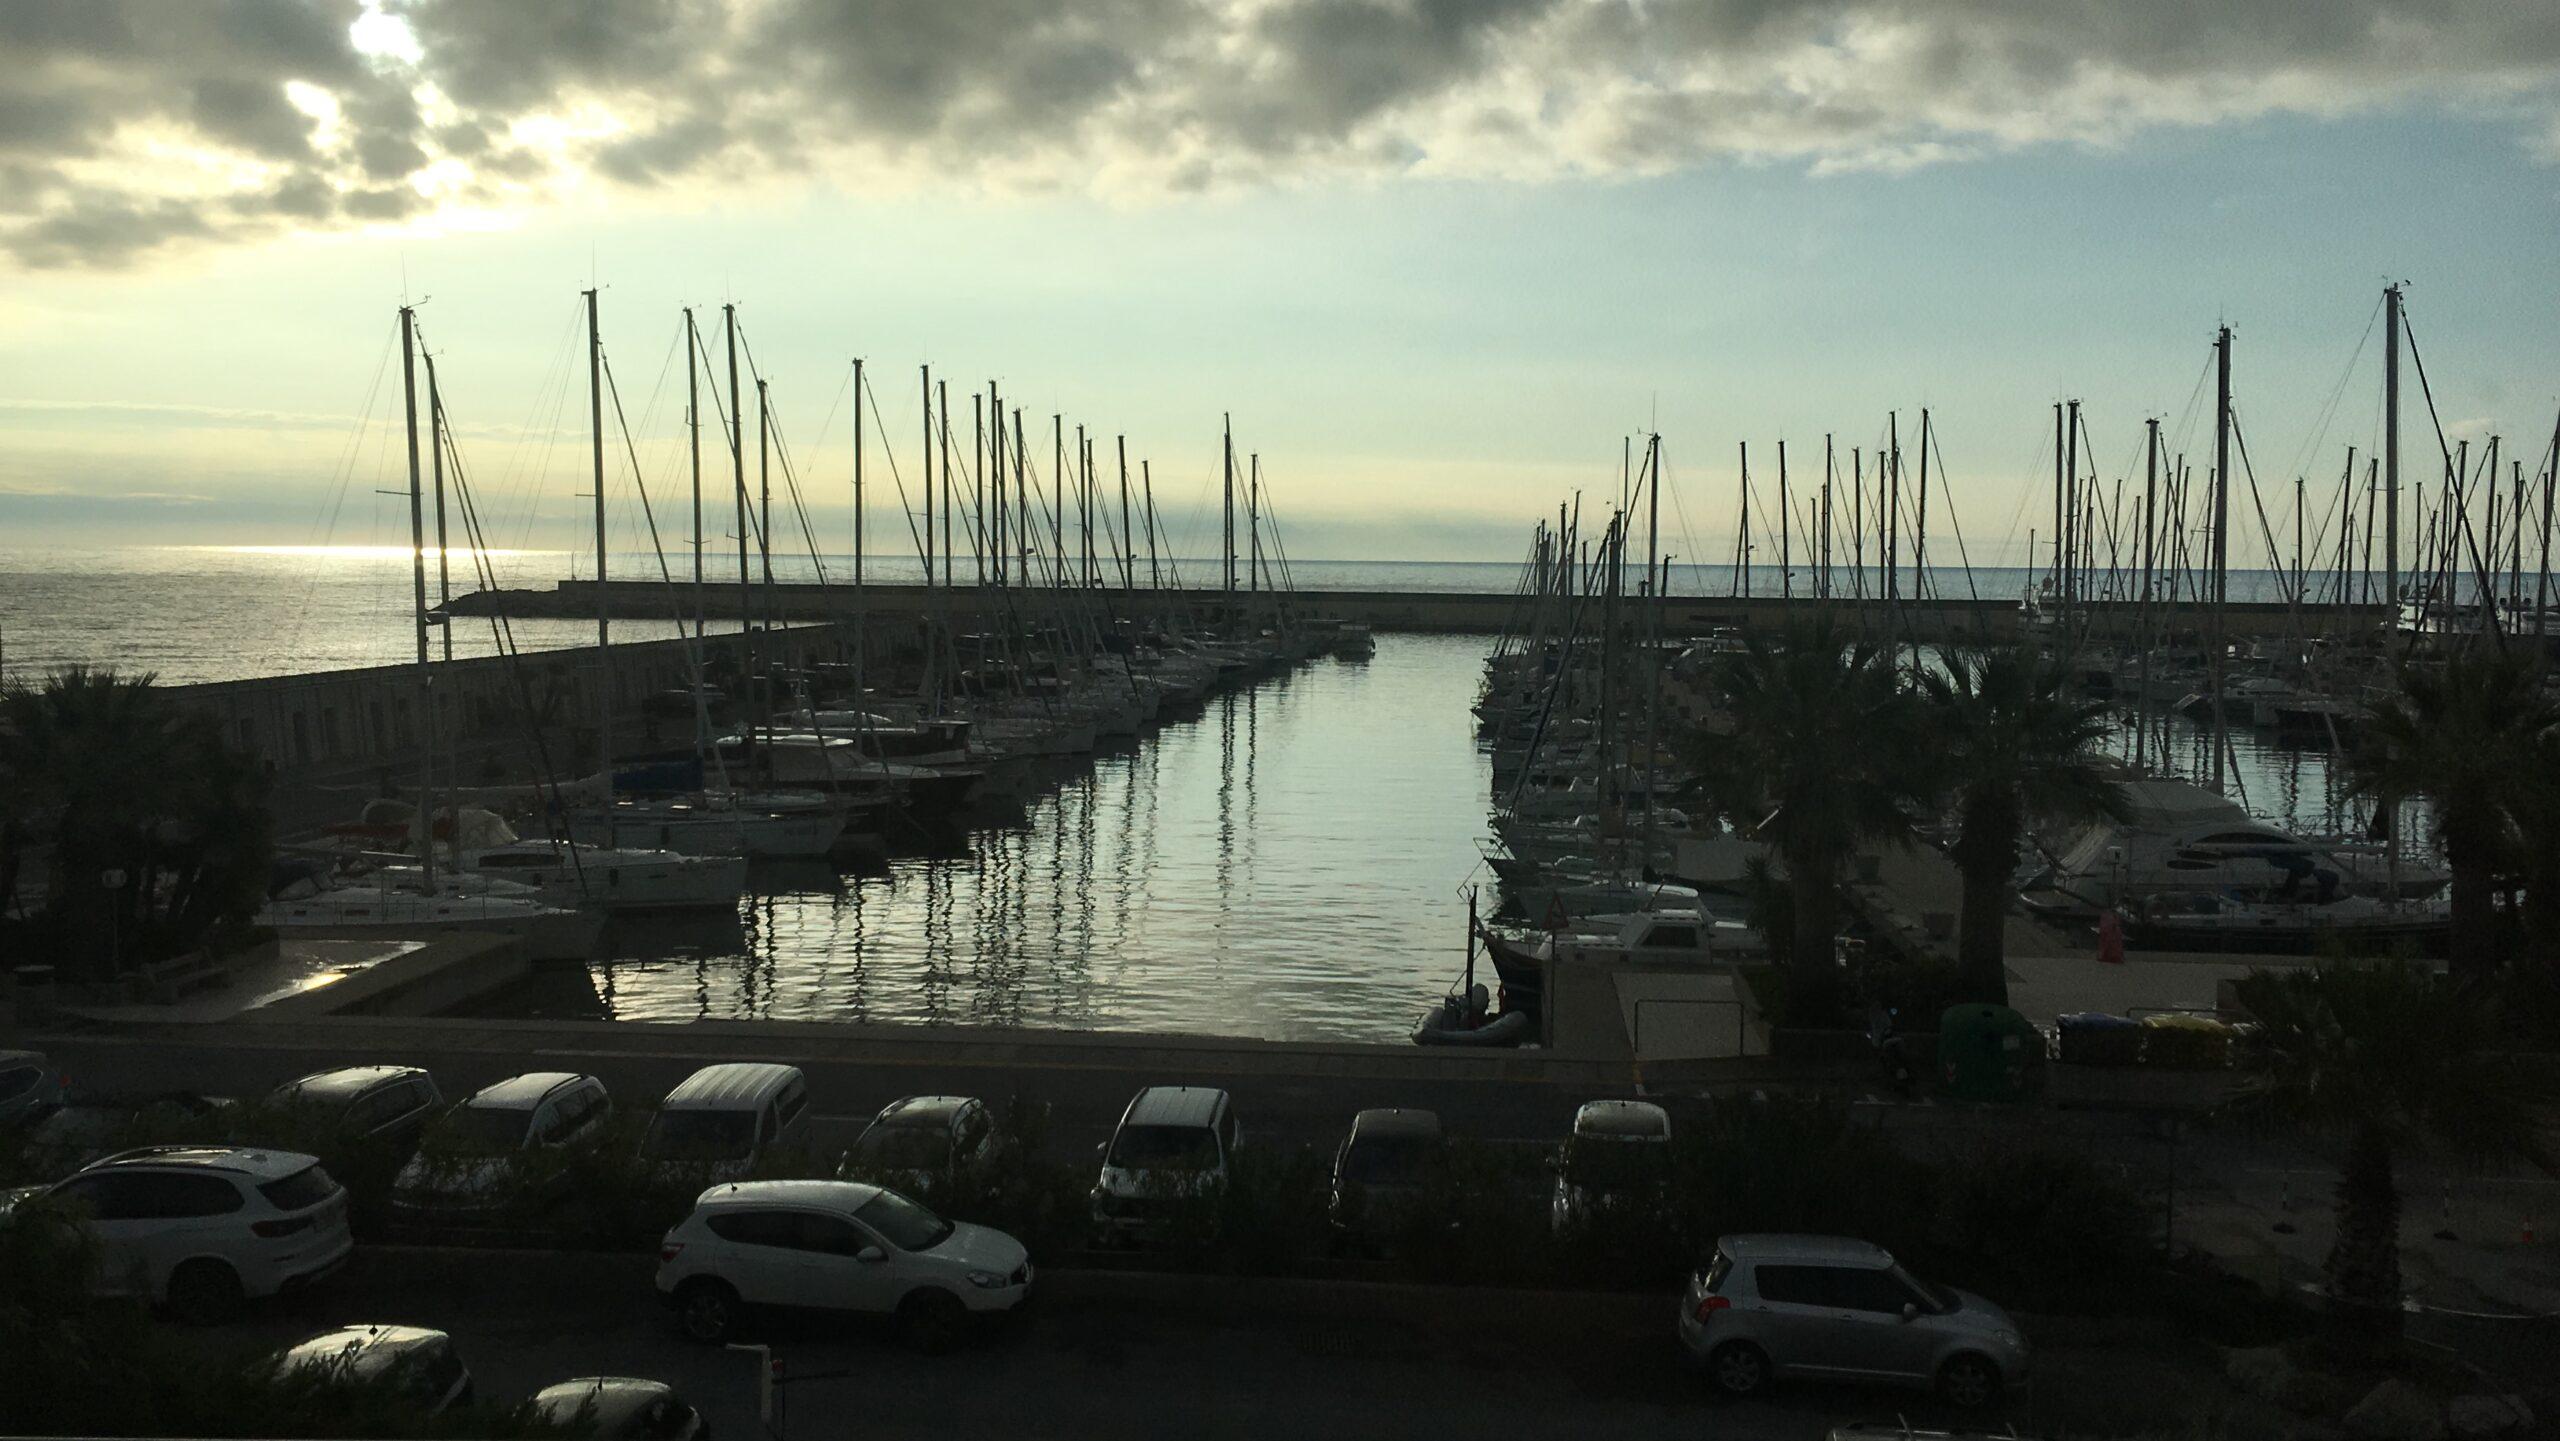 Siamo nel ponente ligure, a Marina degli Aregai, tra Imperia e Sanremo. Il centro che mi ospita è il Nautilus Technical Diving Center